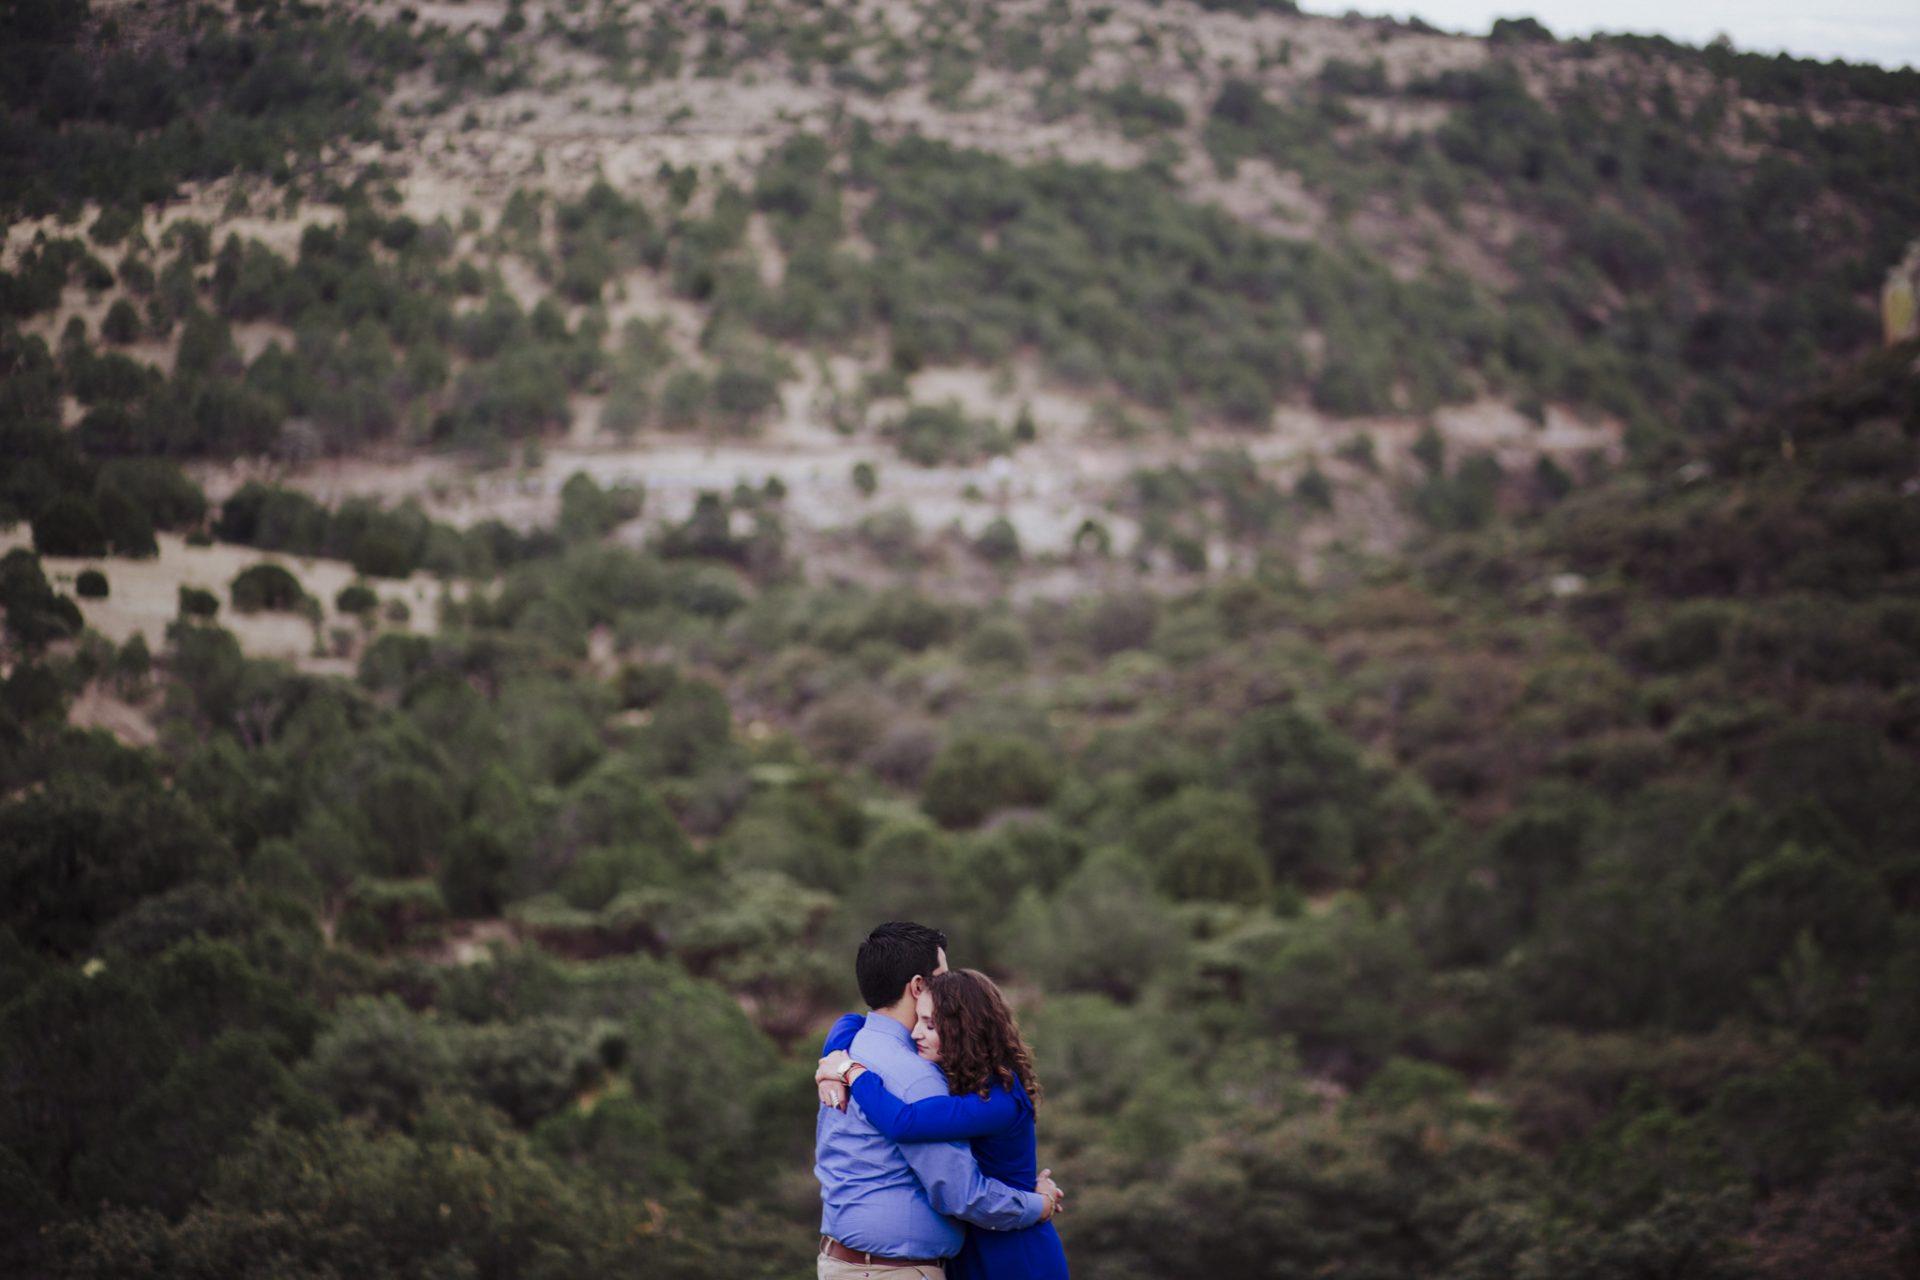 fotógrafo_profesional_bodas_zacatecas_chihuahua_preboda_save_the_date-29